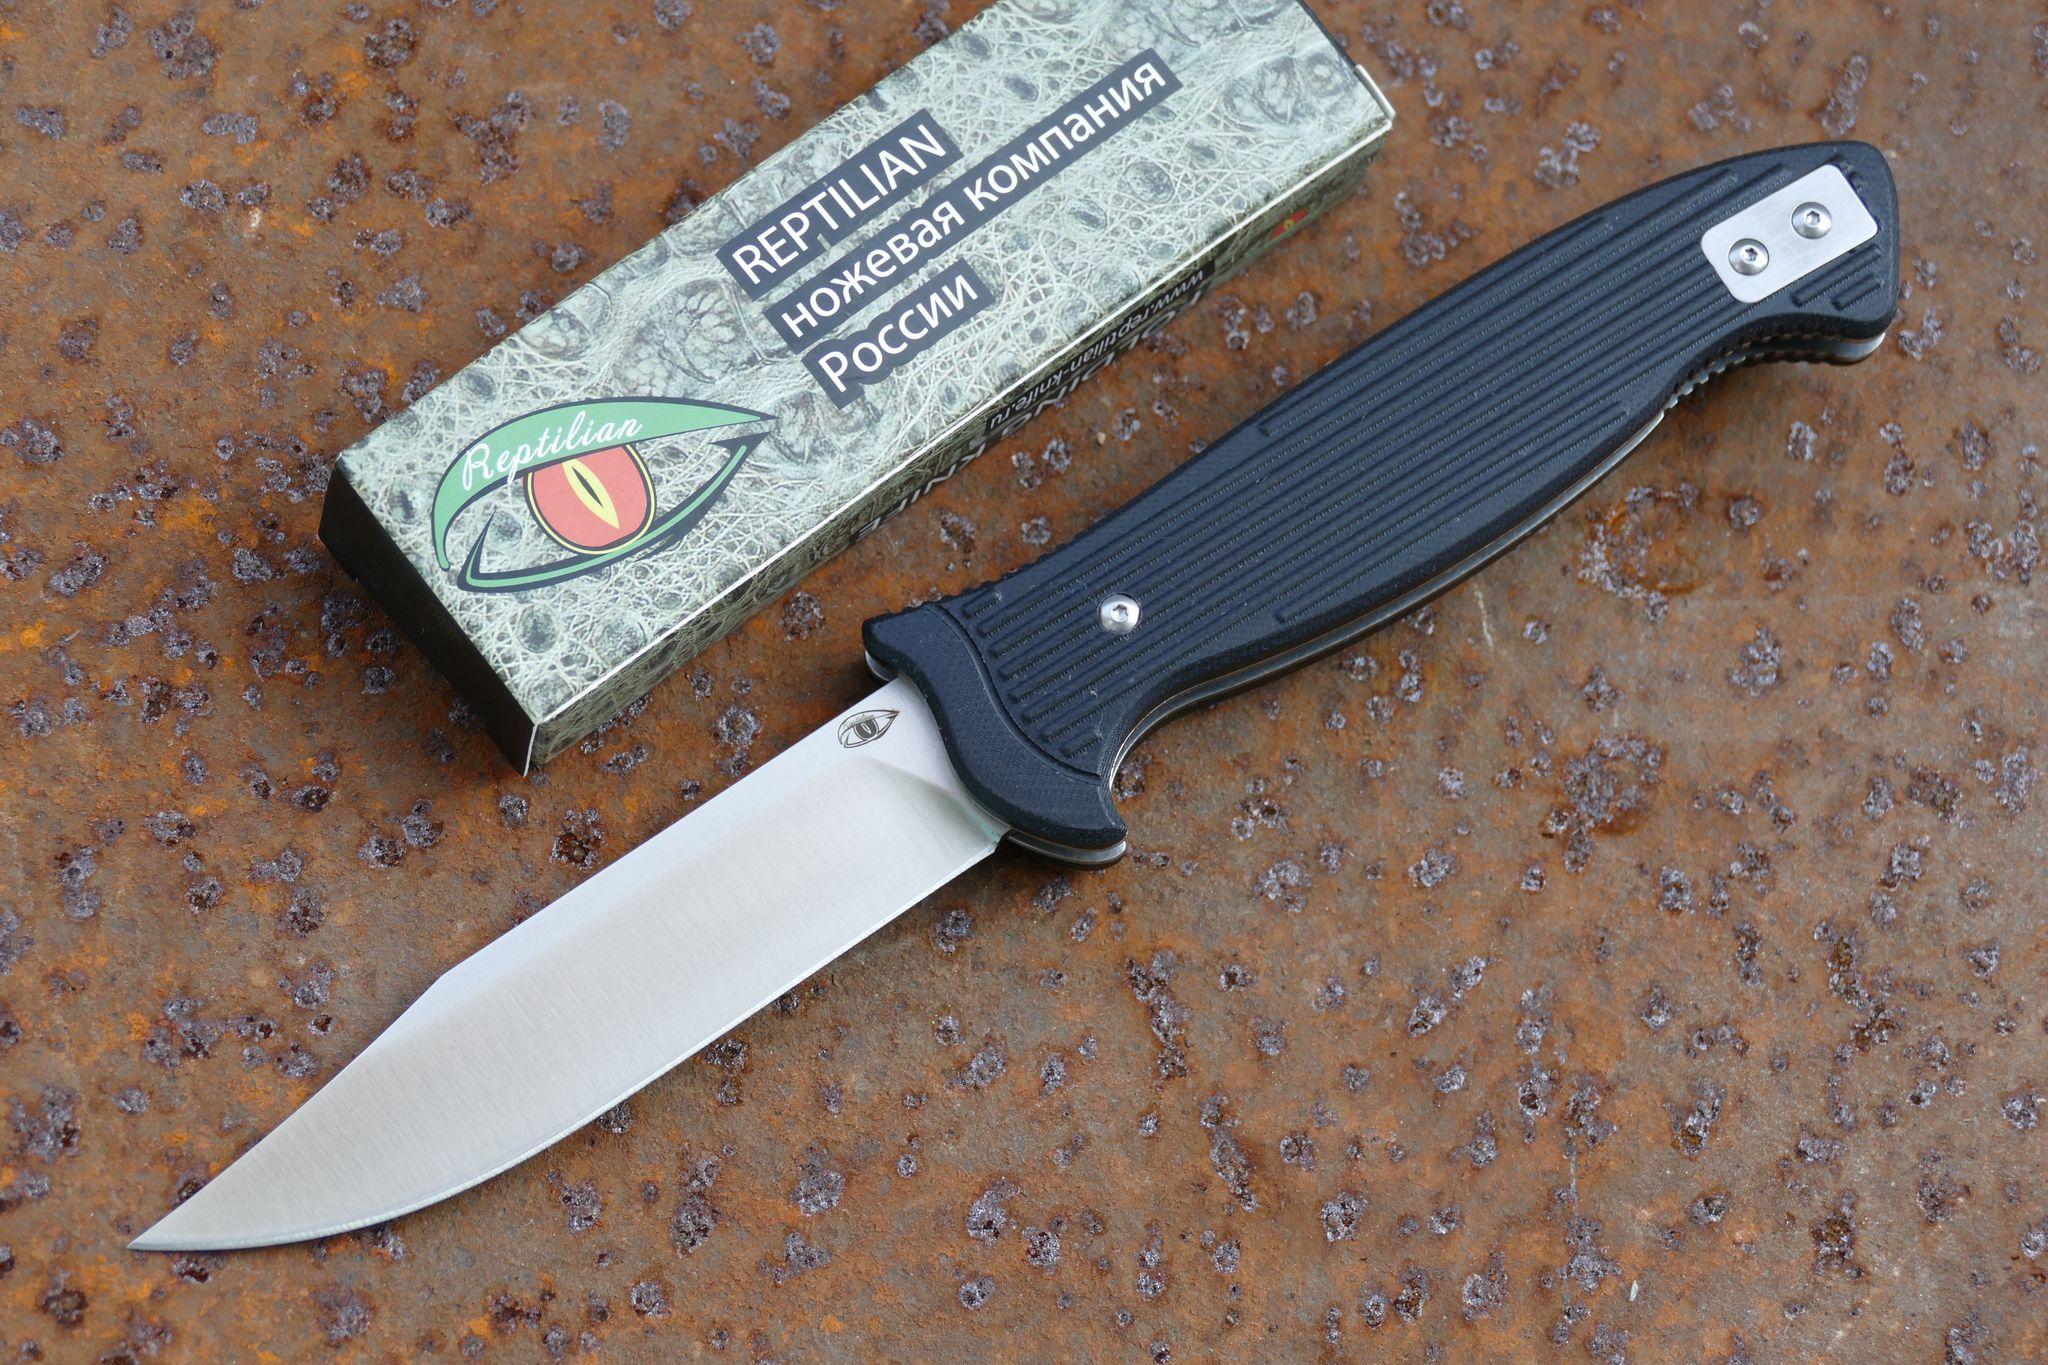 Складной Нож РазведчикаРаскладные ножи<br>марка стали: D2твёрдость: HRC60-61длина общая: 255ммдлина клинка: 113ммширина клинка наибольшая: 25ммтолщина обуха: 3.5ммвес: 217гр<br>